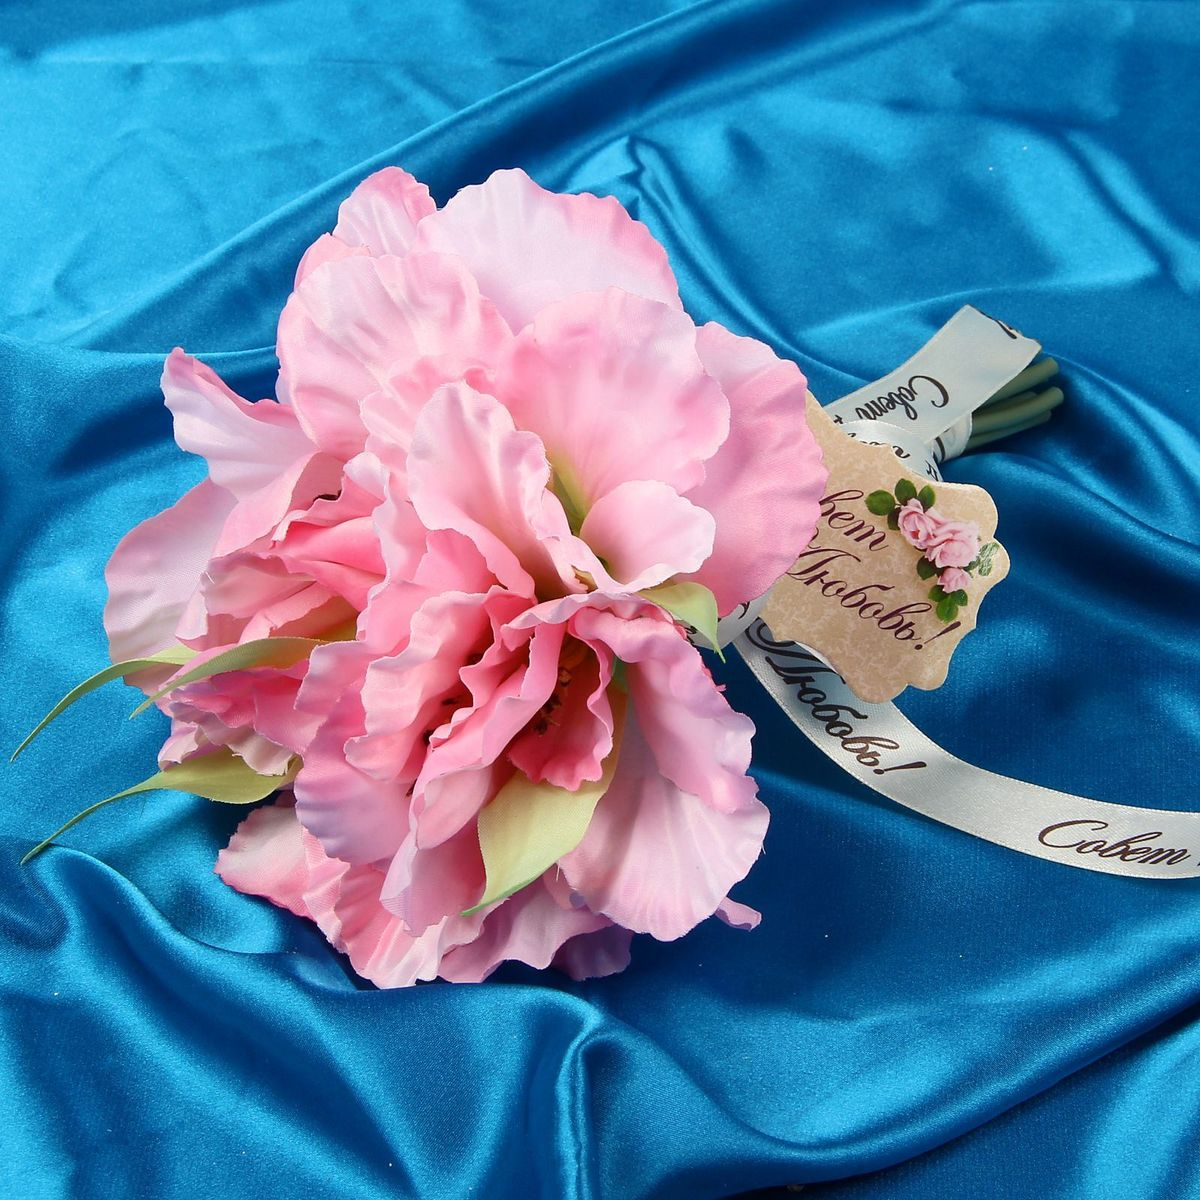 Букет-дублер Sima-land Лилос, цвет: розовый09840-20.000.00Свадьба - одно из главных событий в жизни человека. В такой день всё должно быть безупречно, особенно букет невесты. Но кидать, по старой традиции, цветочную композицию подругам не всегда удобно, и на помощь приходит букет-дублер Лилос - красивый и яркий аксессуар. Стебли оформлены лентой с надписью Совет да любовь. Букет дополнен шильдом с тёплым пожеланием. После торжества он украсит любой интерьер, ведь нежные цветы из текстиля не завянут и не помнутся.